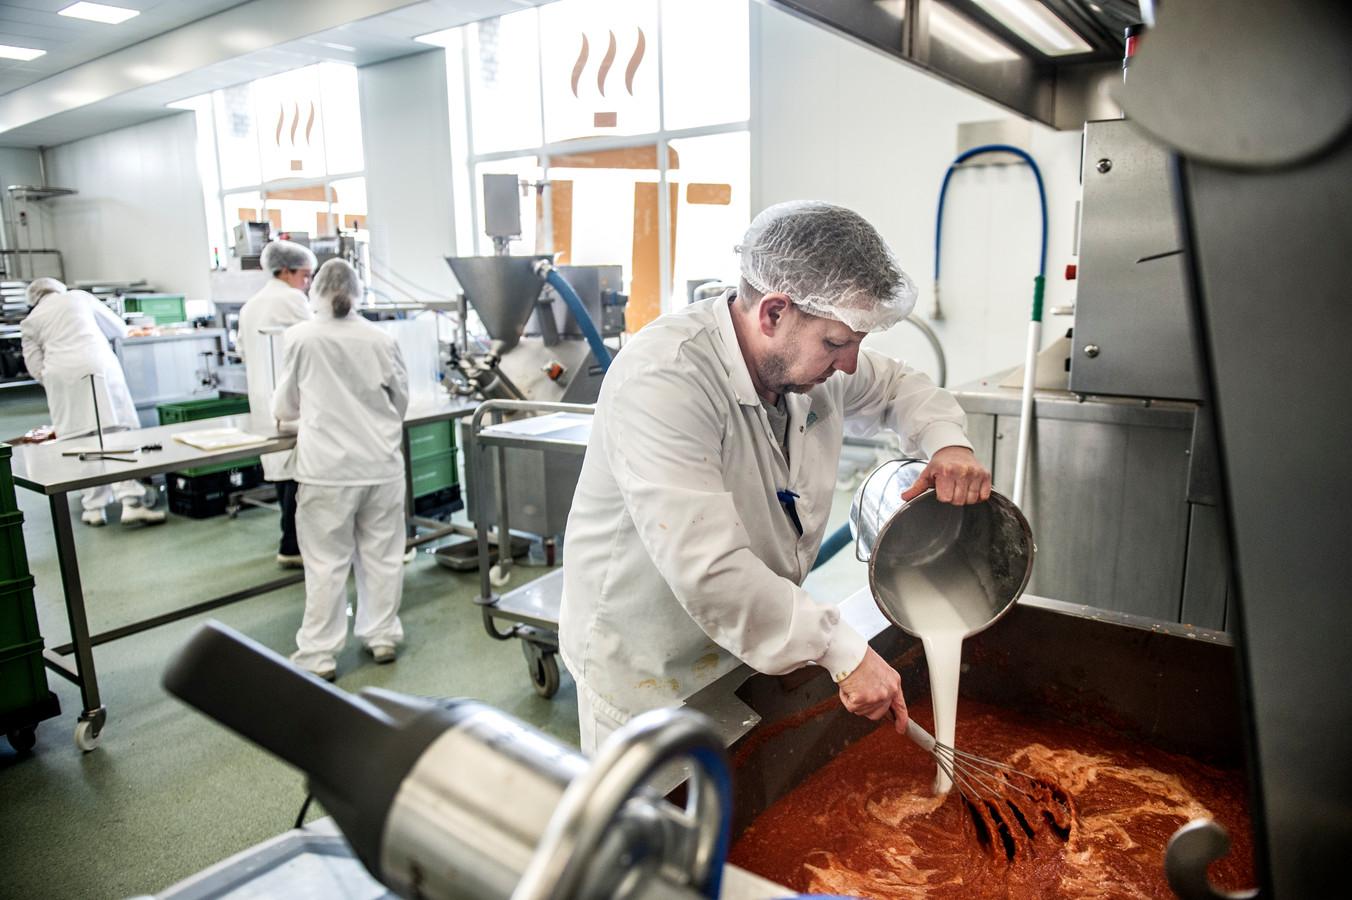 De Verspillingsfabriek in Veghel. Hier worden soepen en sauzen gemaakt van producten die anders zouden worden weggegooid.